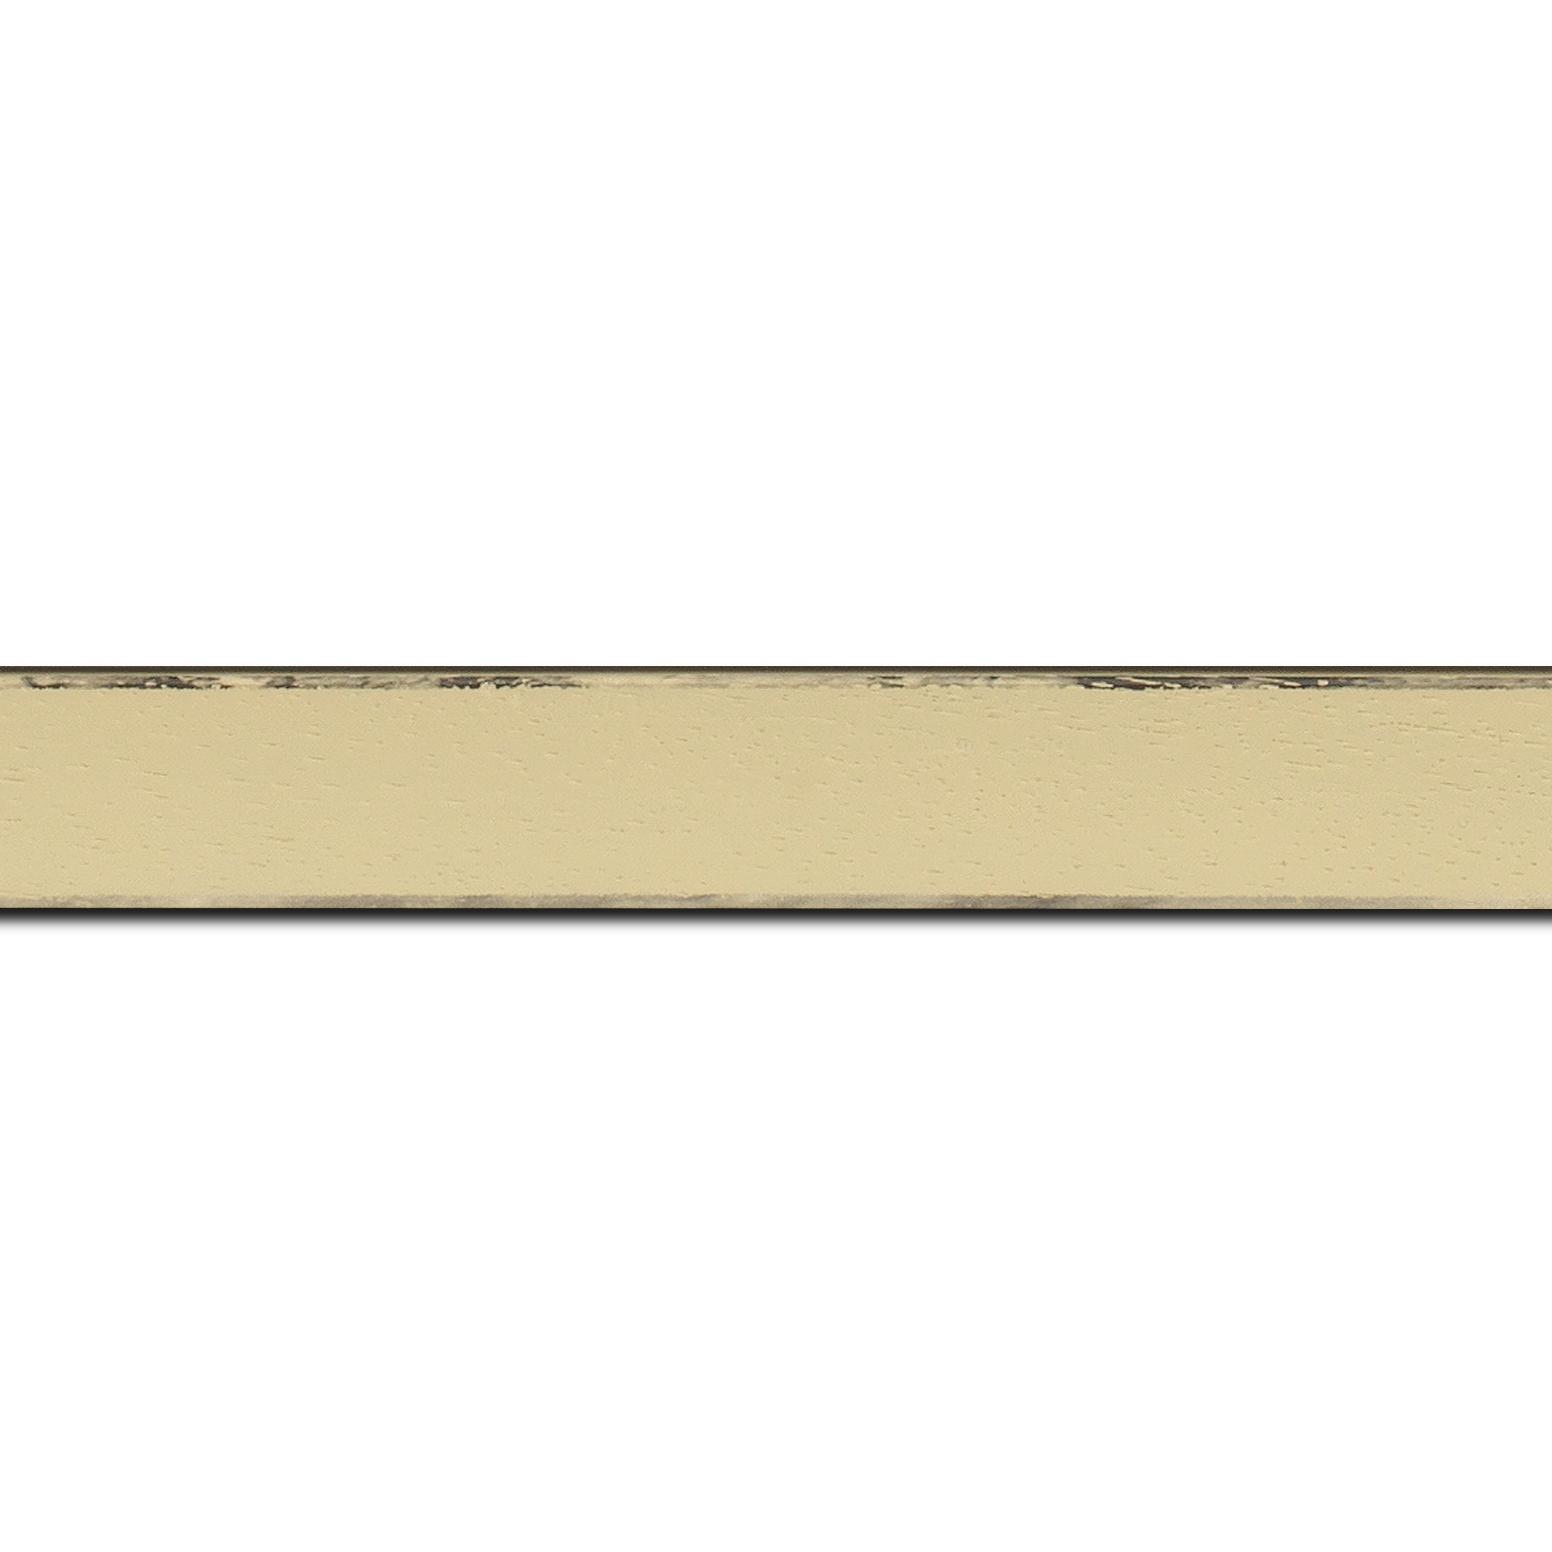 Cadre bois creme ou ivoire 30x30 pas cher cadre photo - Cadre 30x30 pas cher ...